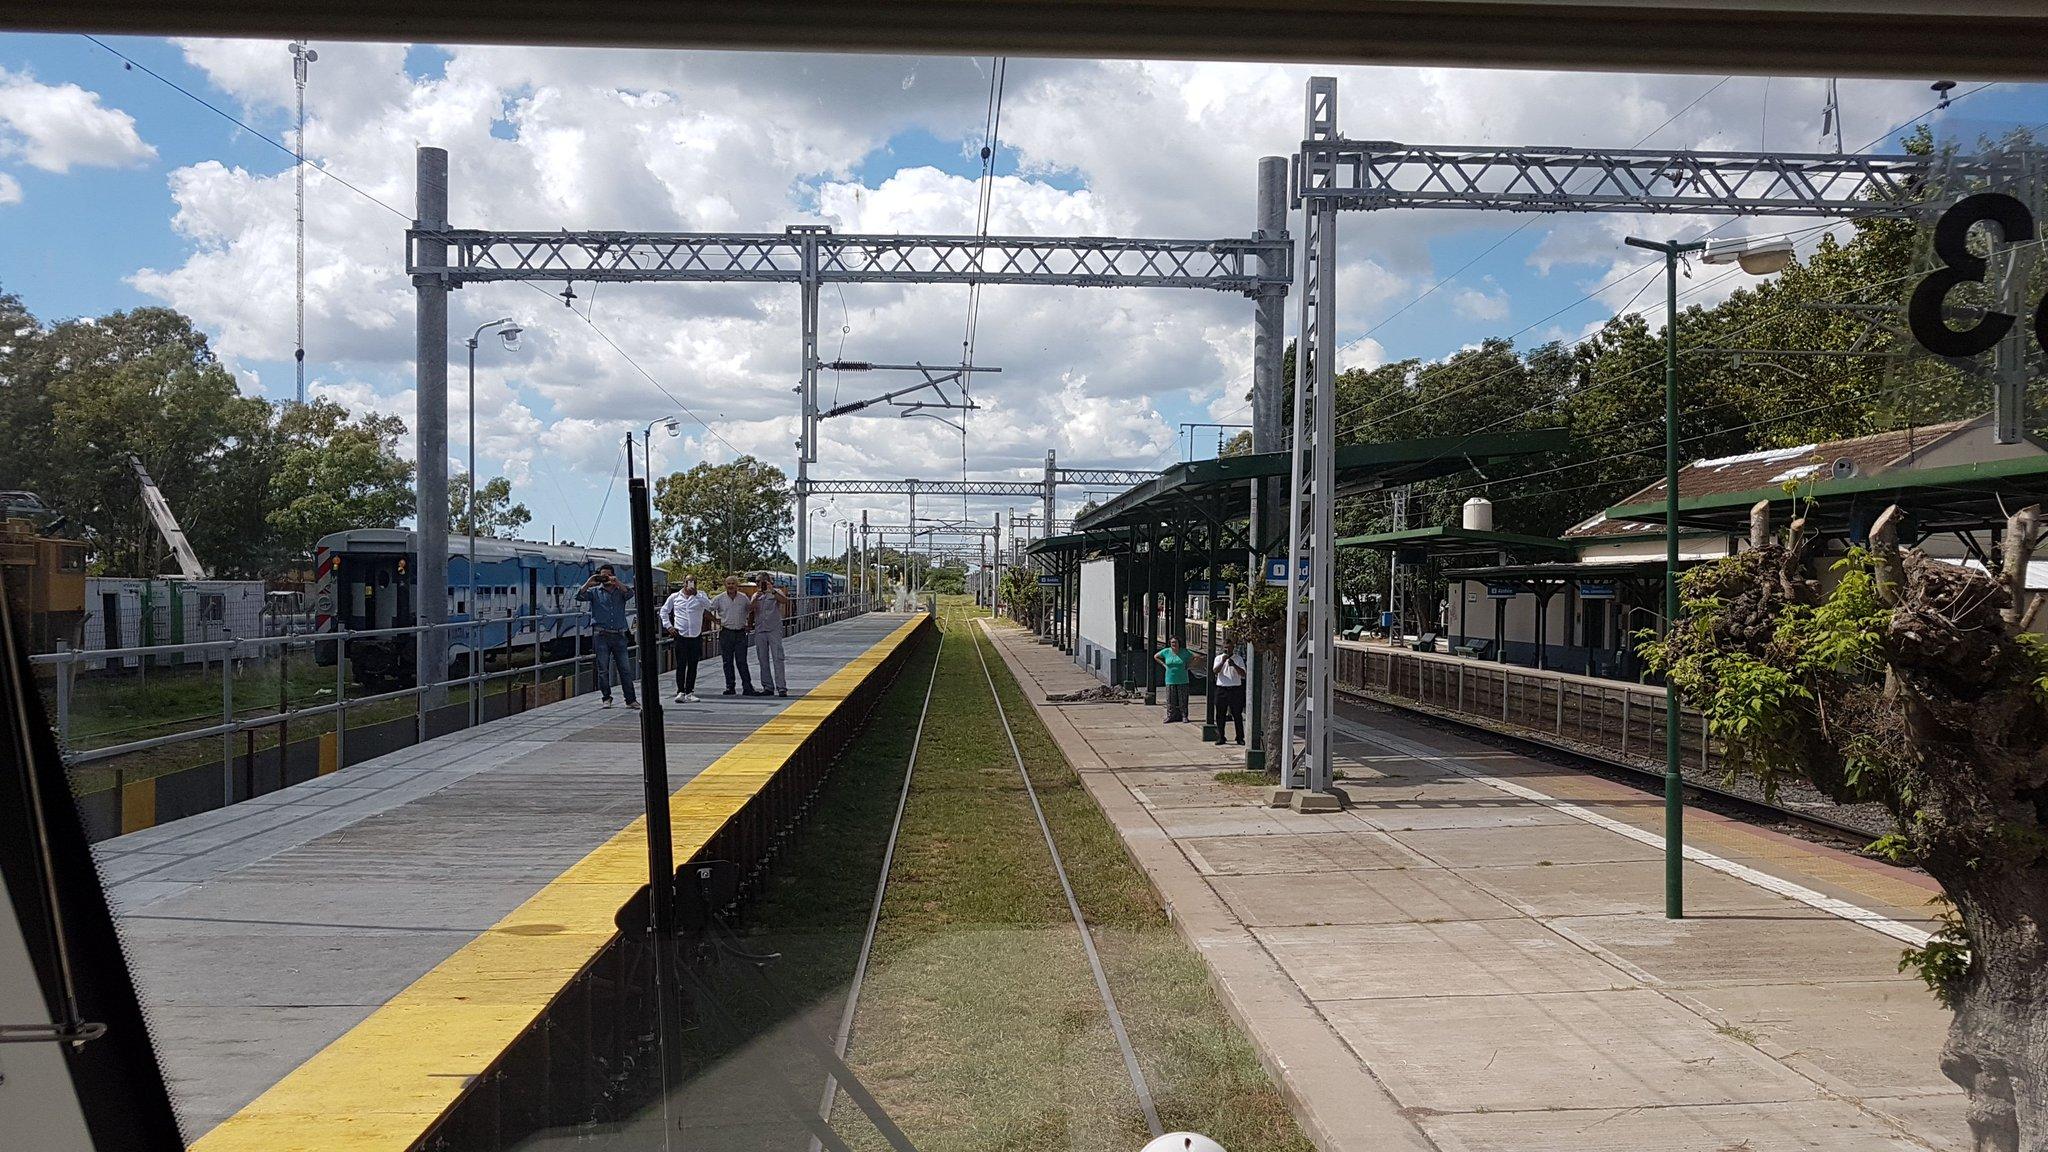 #VillaElisa #TrenRoca 1er tren eléctrico 👍 https://t.co/yqTdxHvJgK